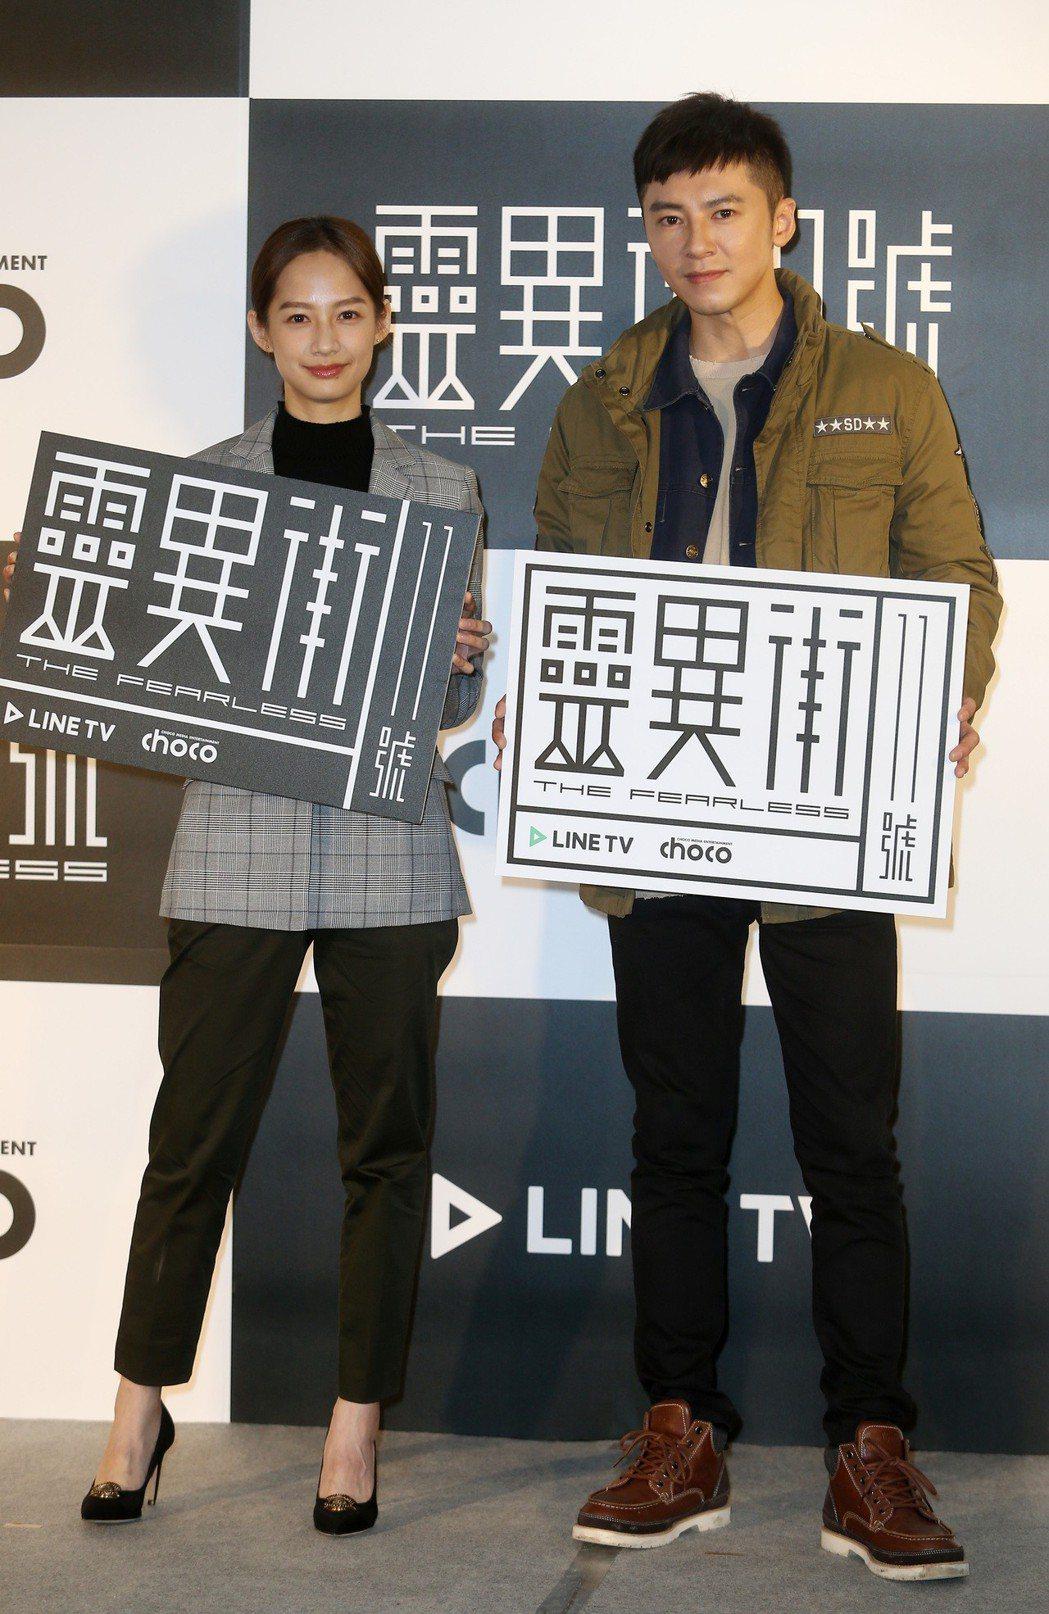 李國毅、簡嫚書等演員出席「靈異街11號」卡司發布會 。記者曾吉松/攝影